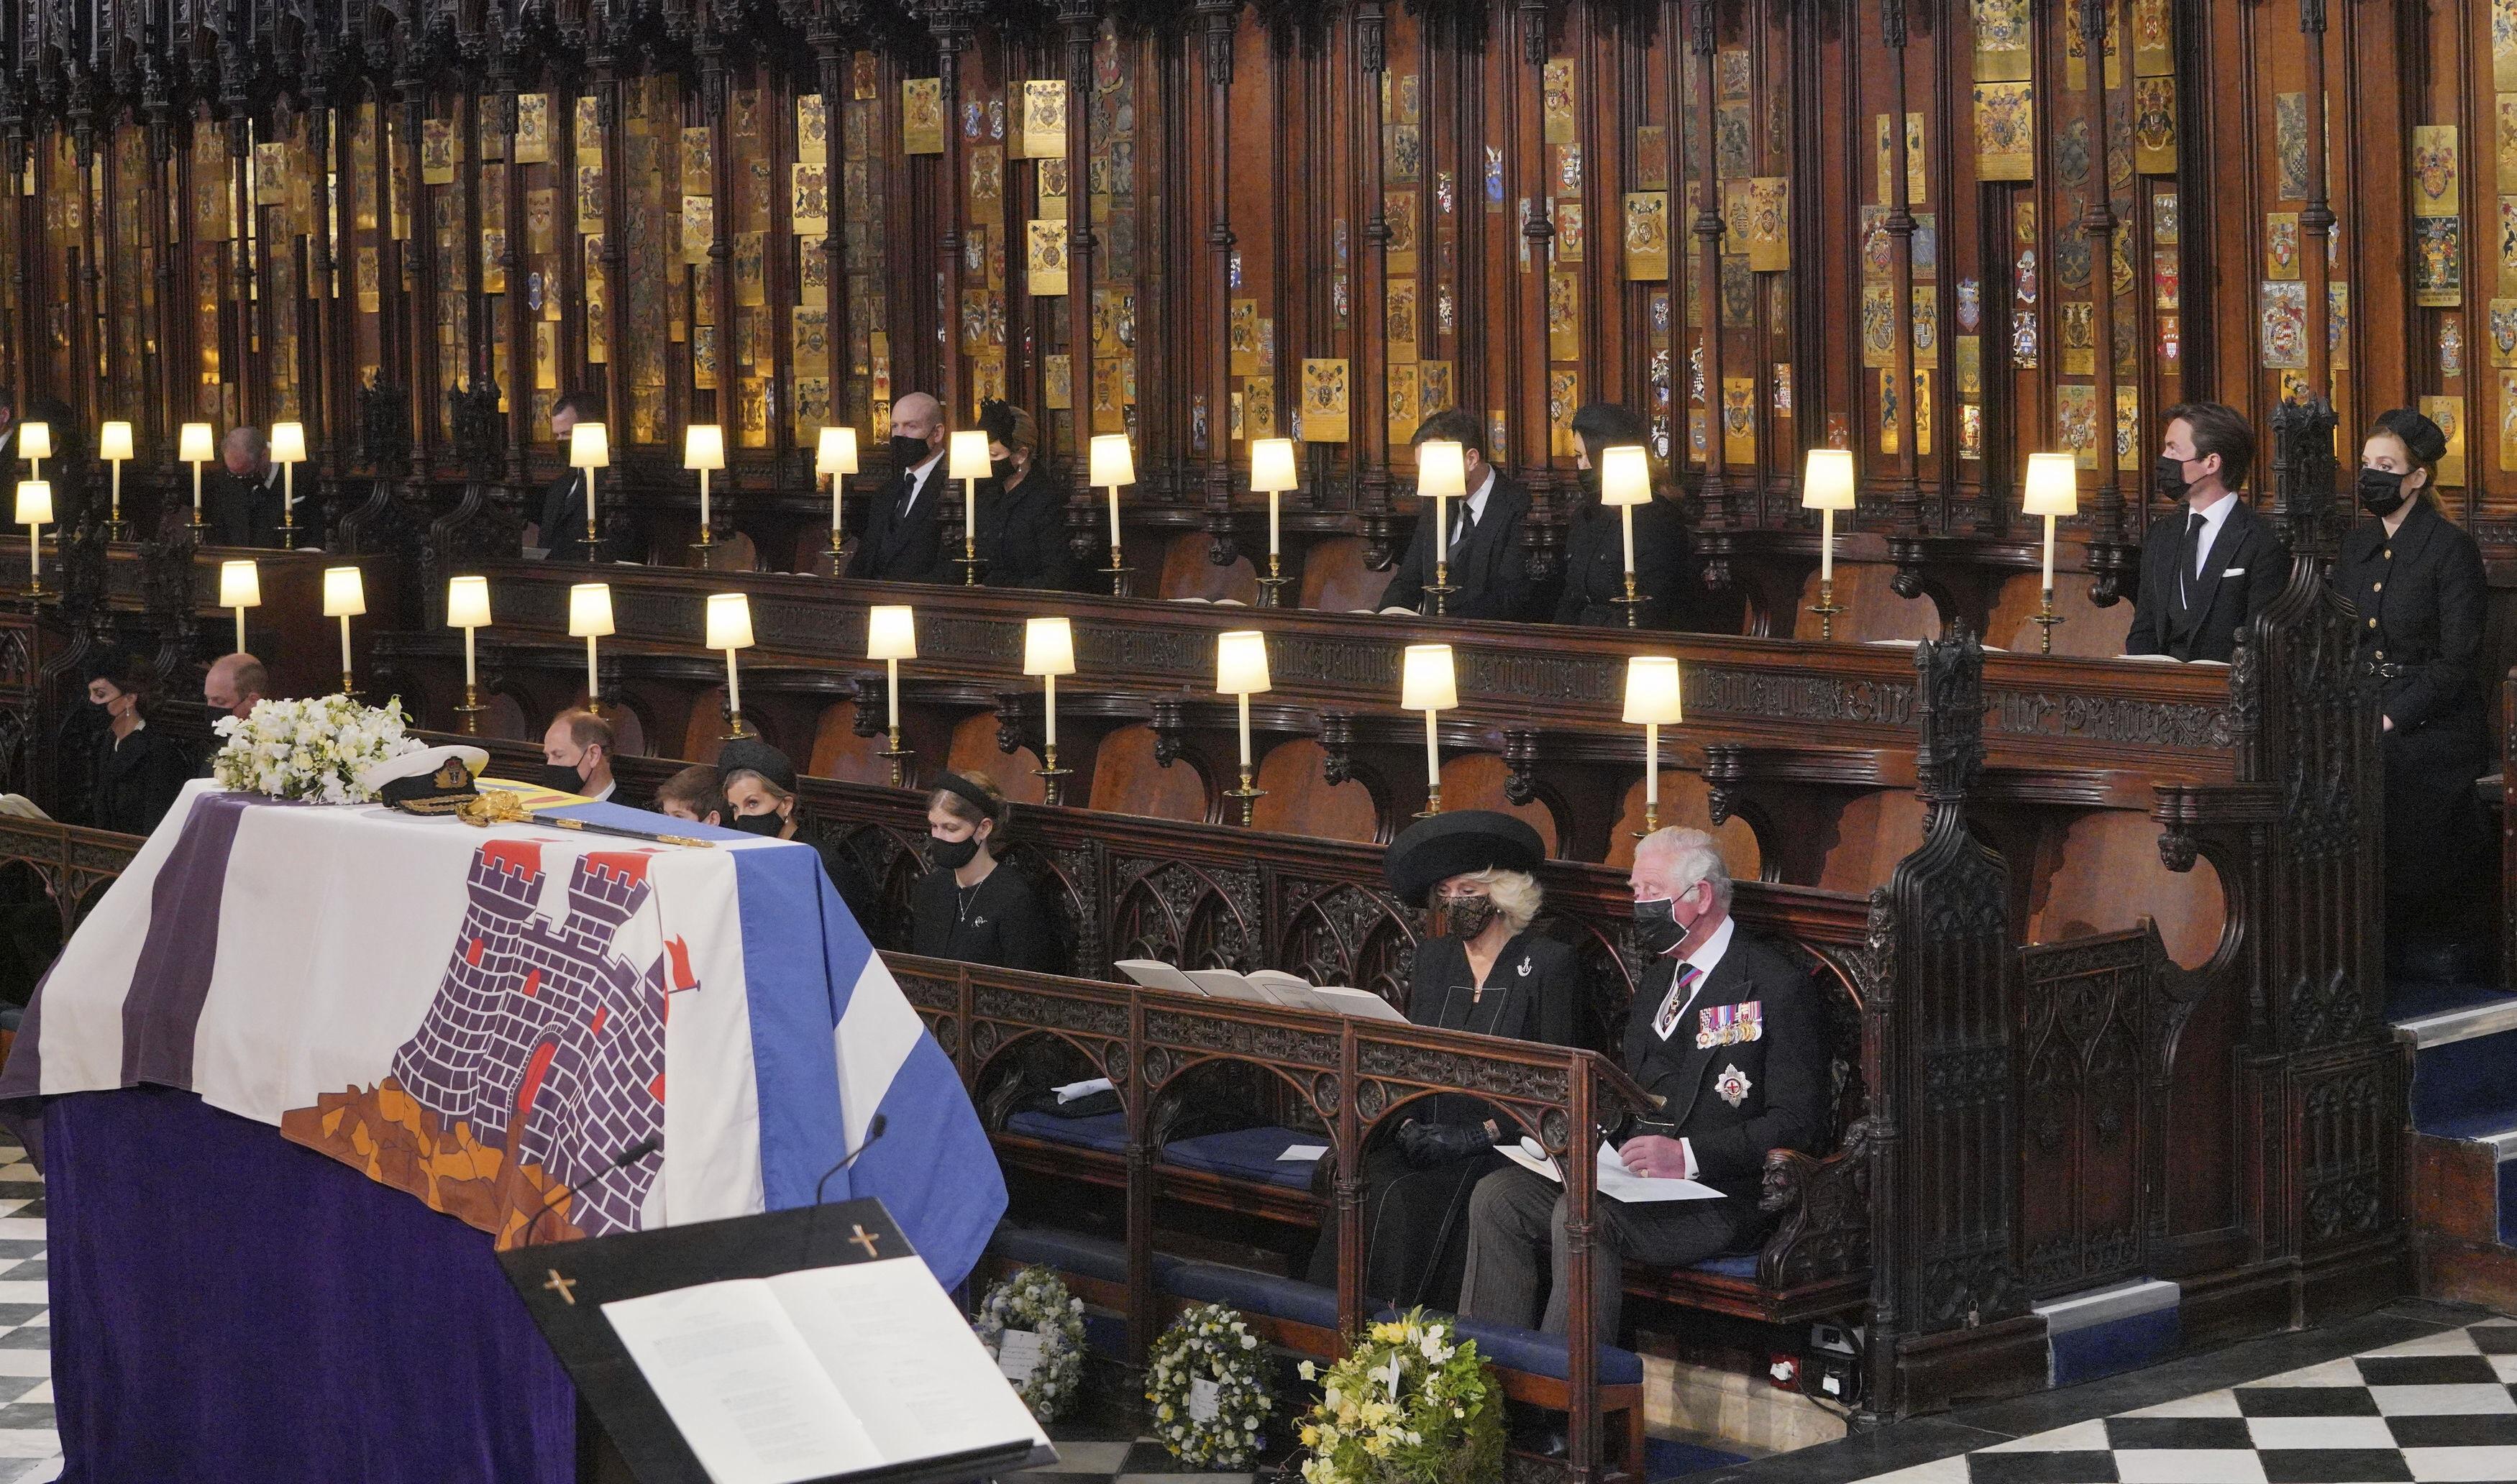 El funeral contó con la participación de 30 invitados, entre ellos los miembros más cercanos de la familia. (AP)